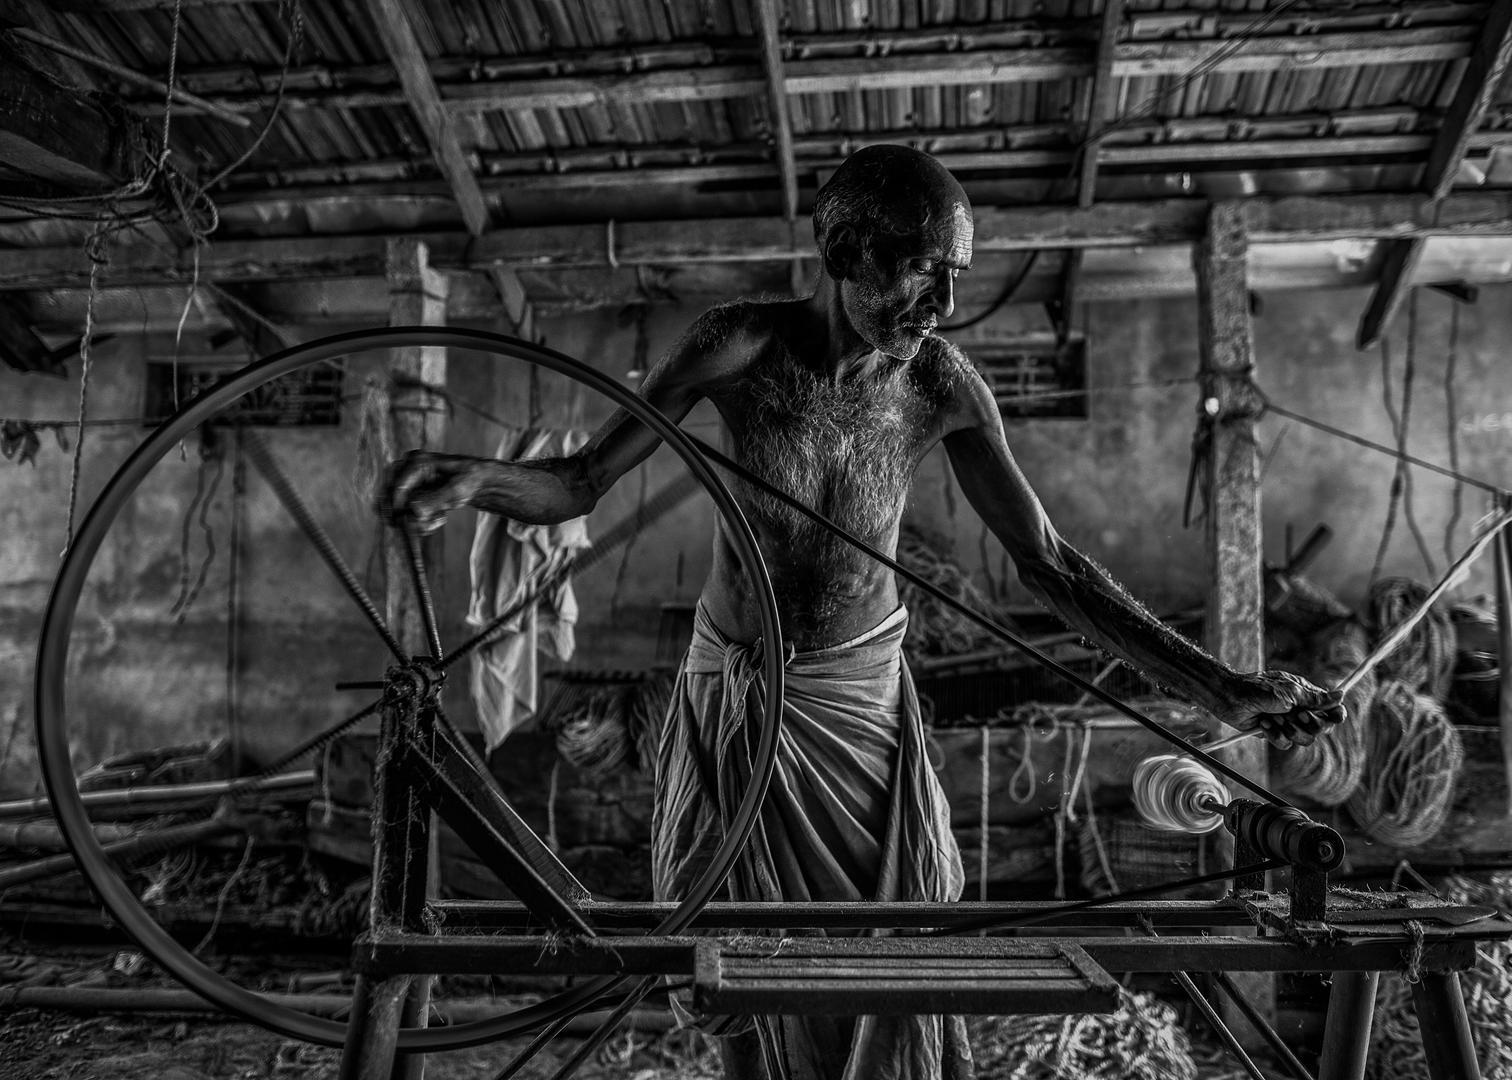 Кокосовые ковры, © Марко Тальярино, 4 место зрительного голосования, Фотофестиваль FIX